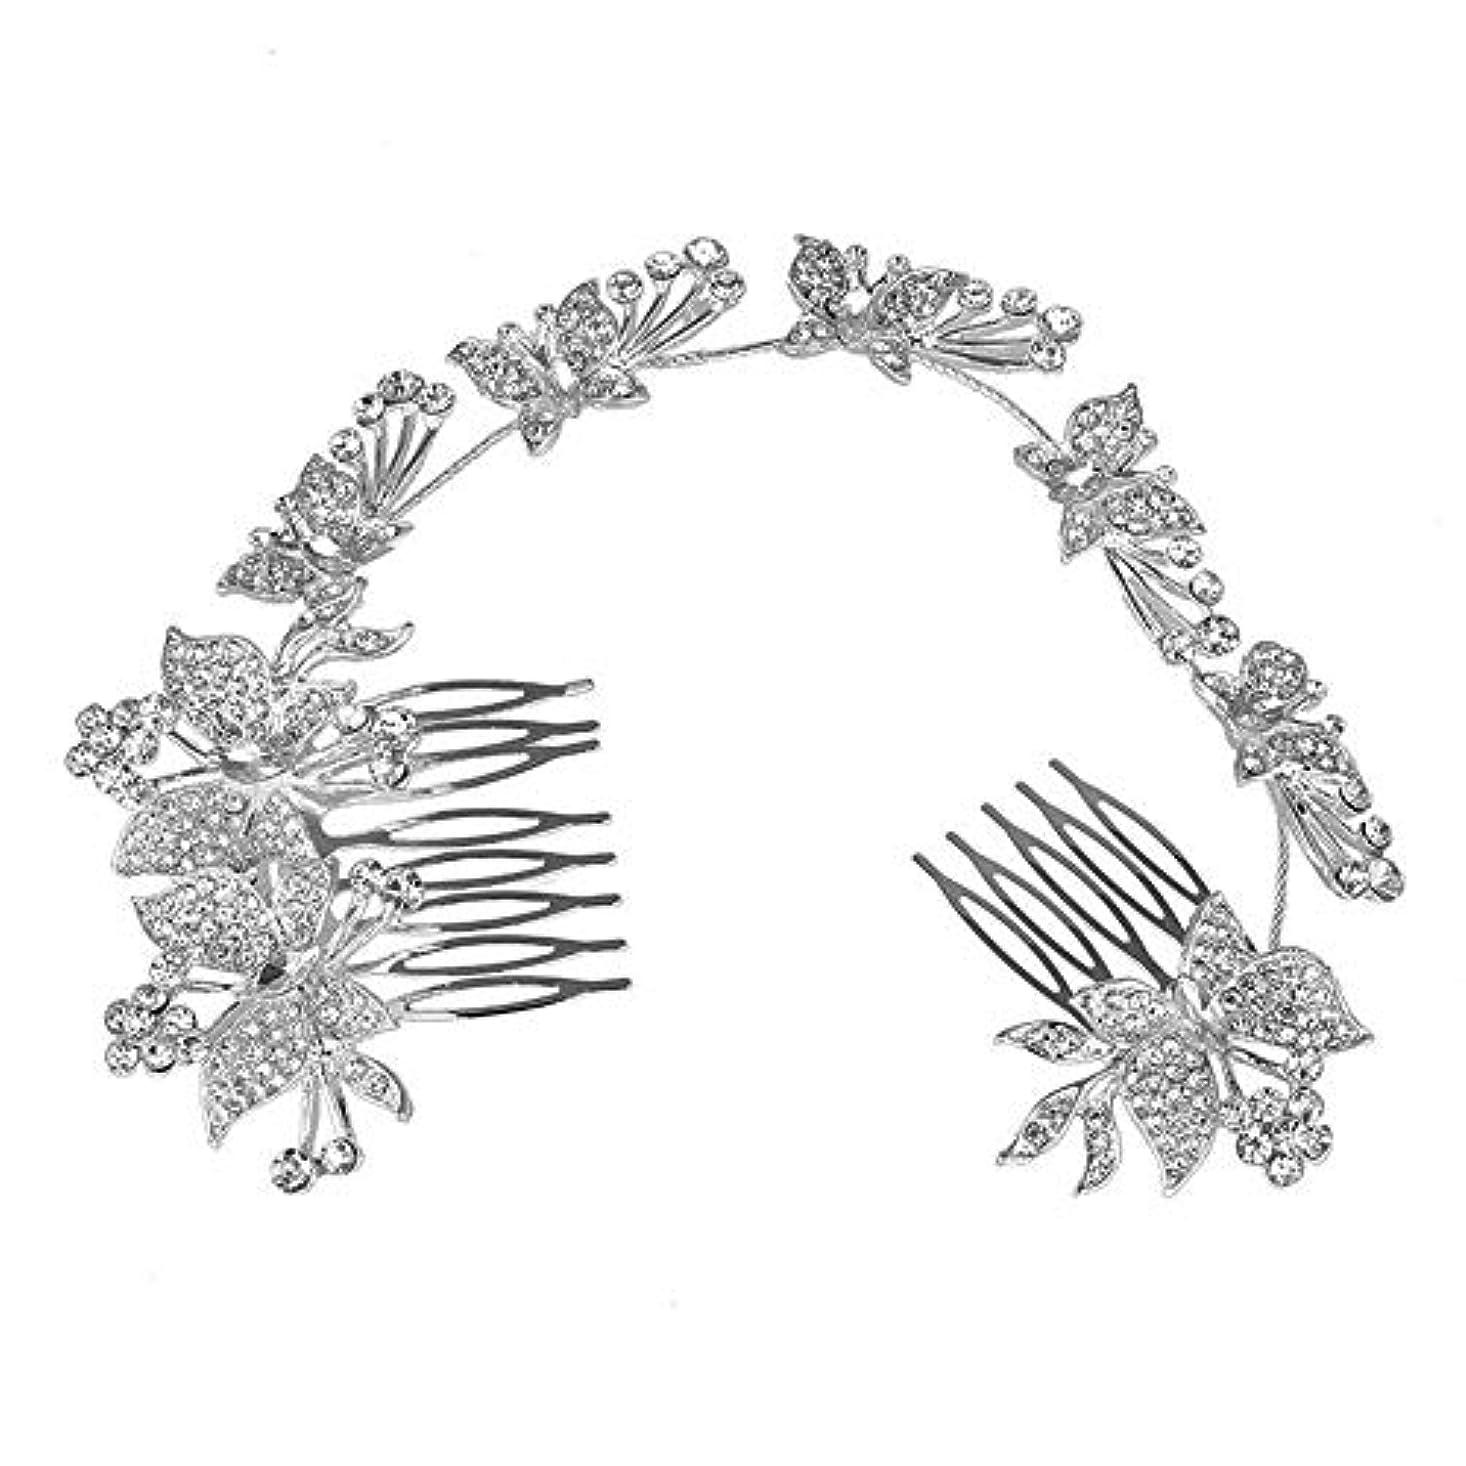 触手罰と組む髪の櫛、櫛、蝶、髪の櫛、ブライダル髪の櫛、結婚式の髪の櫛、ラインストーンの櫛、ヘッドギア